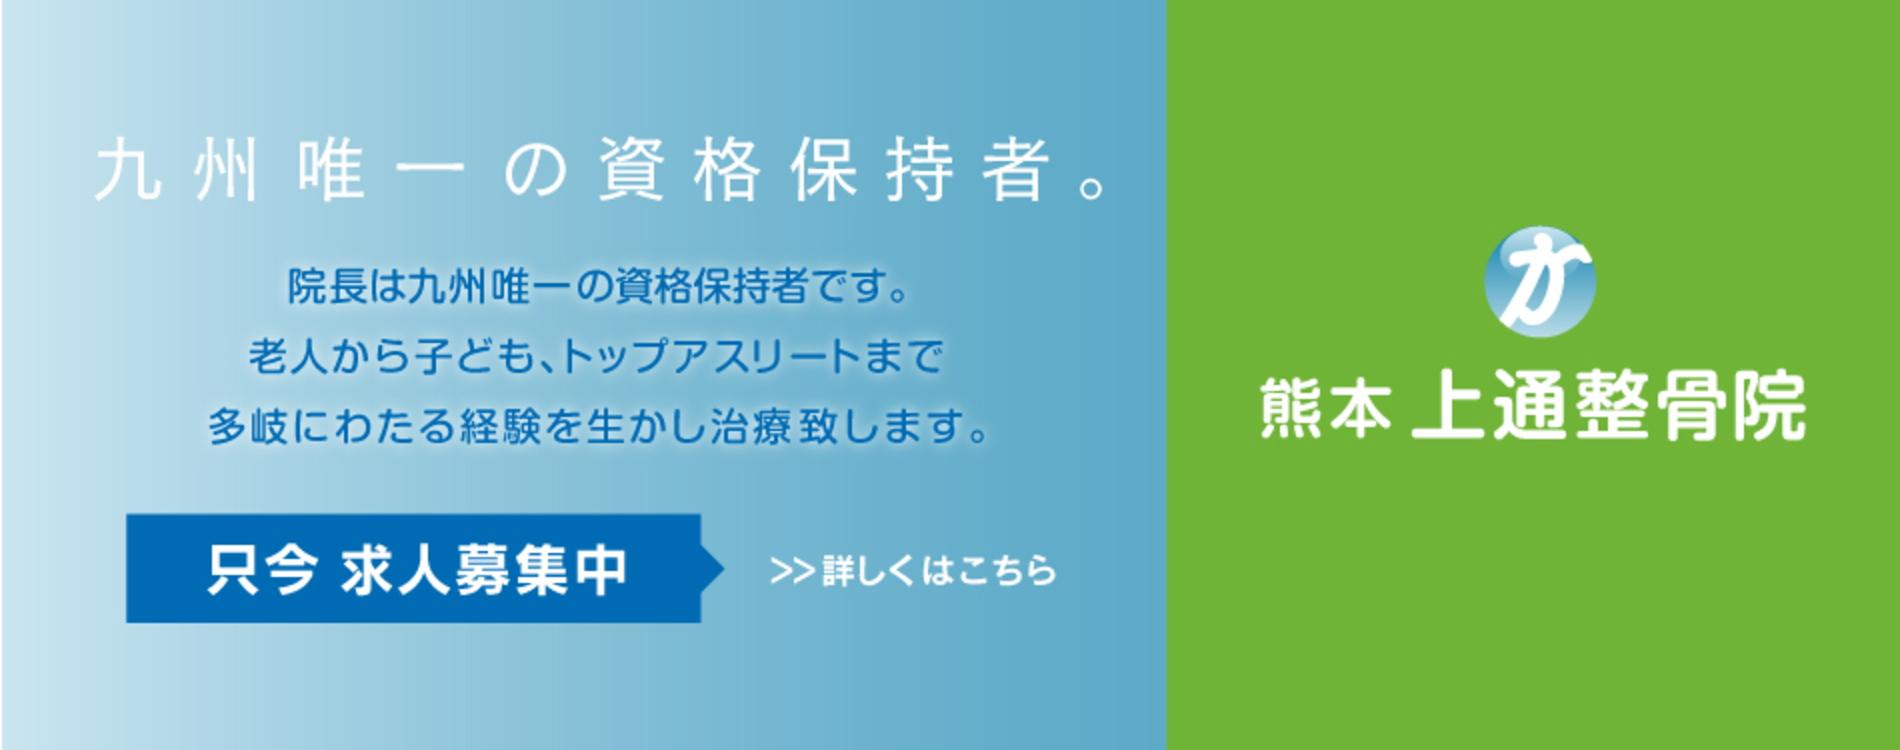 熊本上通整骨院院長は九州唯一の資格保持者